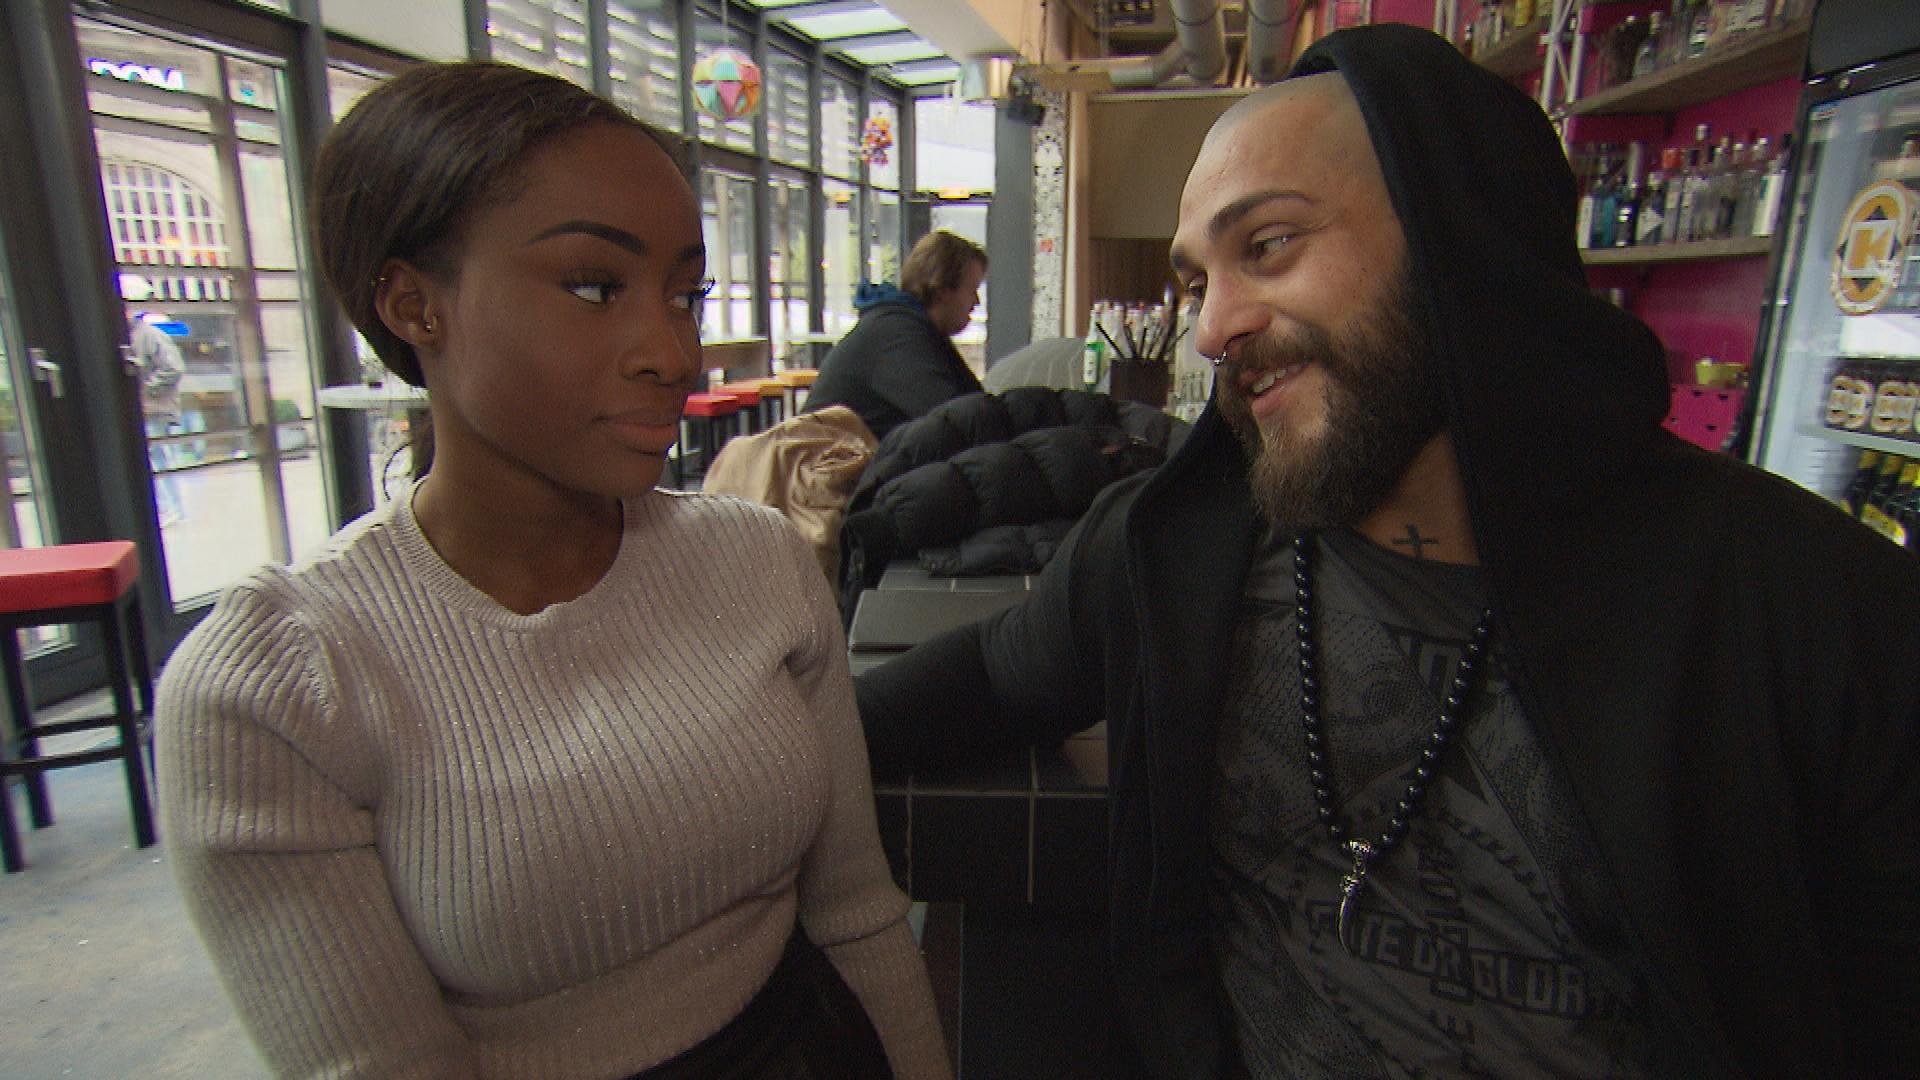 Michelles Ego ist angeknackst, weil Bruno immer noch nicht auf ihr Unterwäschebild reagiert hat. Sie will Bruno aber nicht kampflos aufgeben und ist entschlossen, ihn heißzumachen, um ihn dann gleich wieder fallen zu lassen. (Quelle: RTL 2)